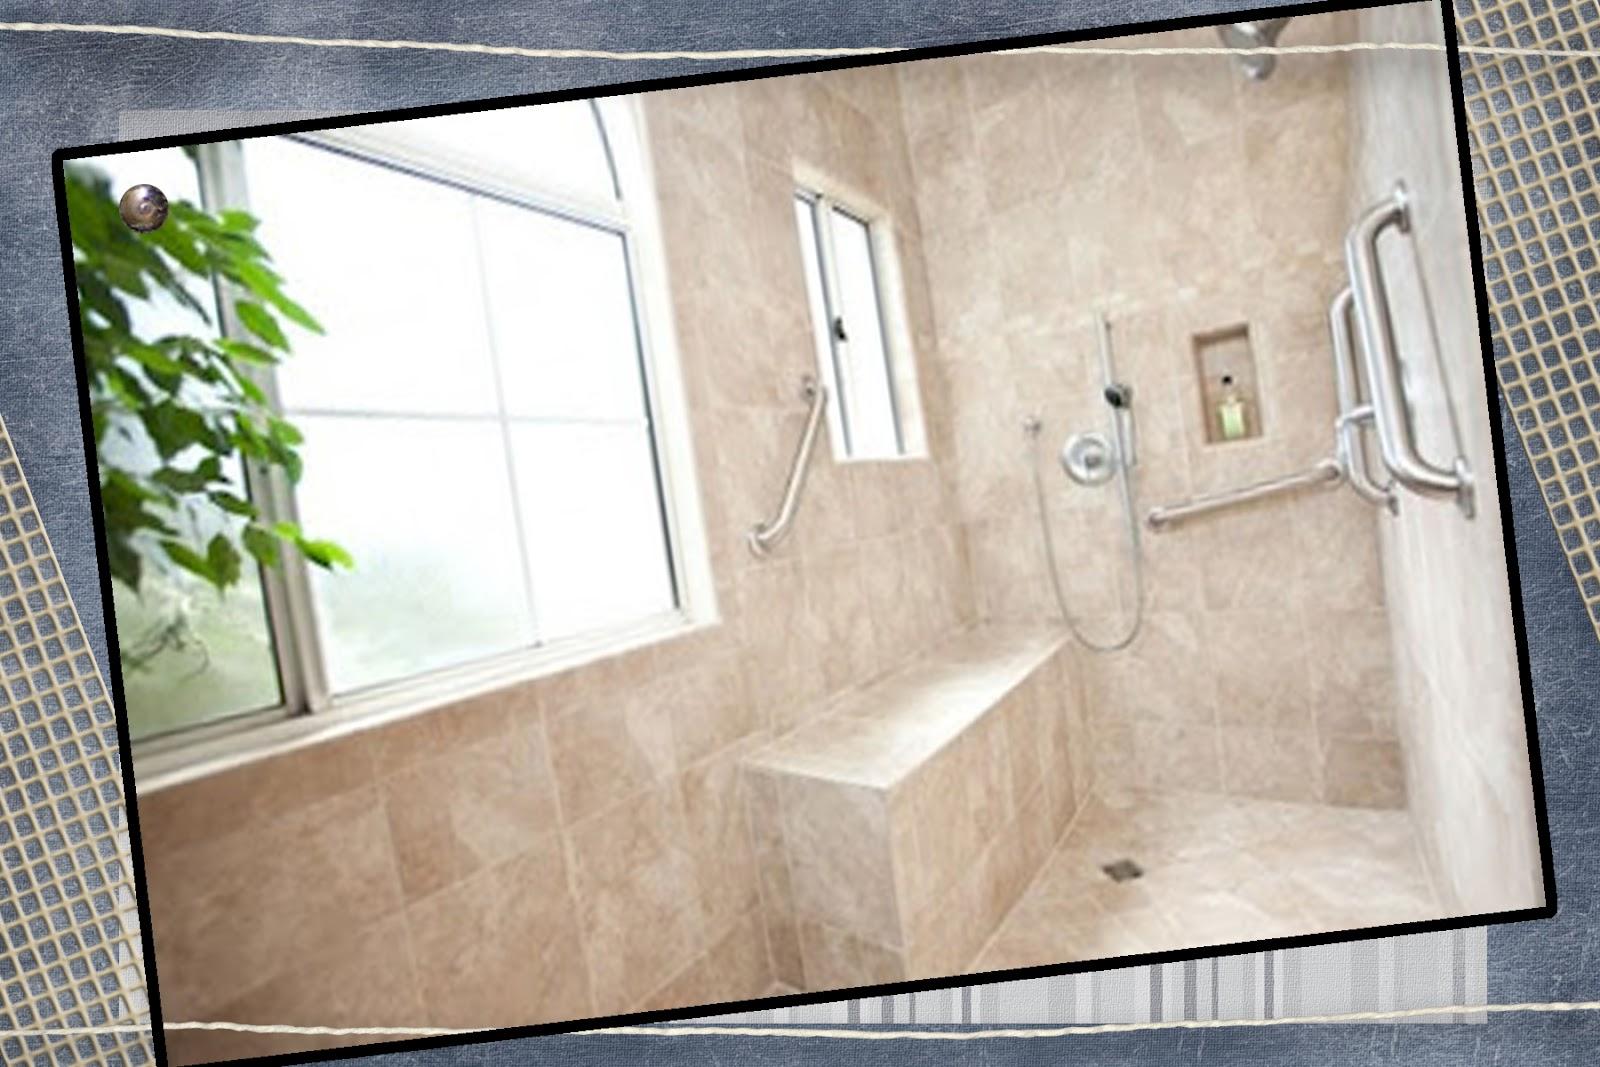 : Como devem ser os banheiros para deficientes físicos/cadeirante #46641C 1600 1067